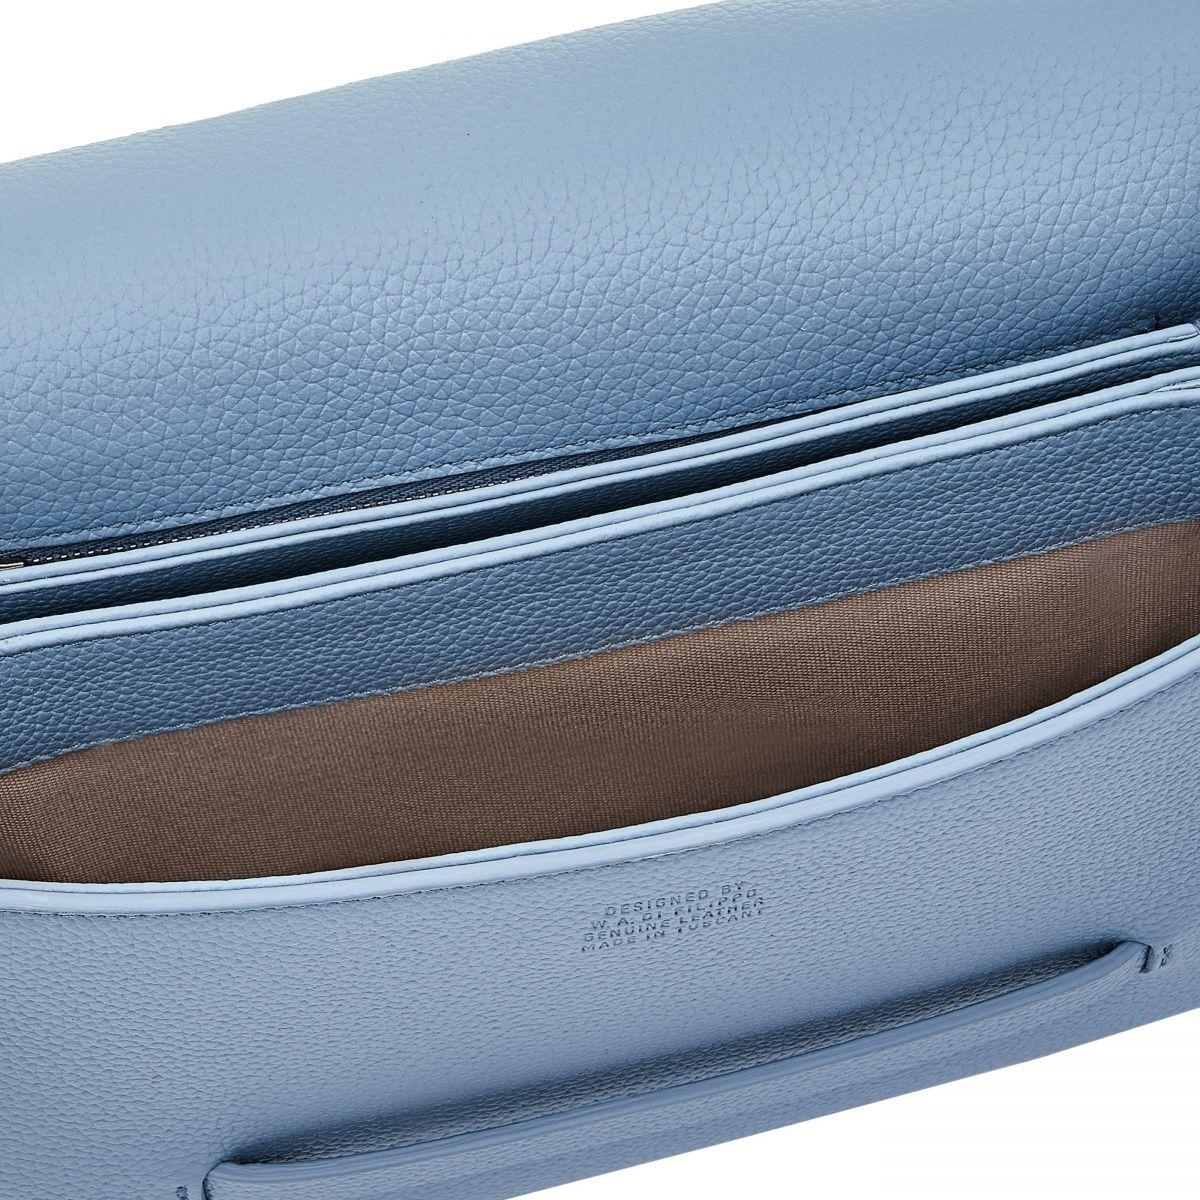 Belle Donne - Women's Shoulder Bag in Calf Leather color Light Blue - Fifty On line BSH134 | Details